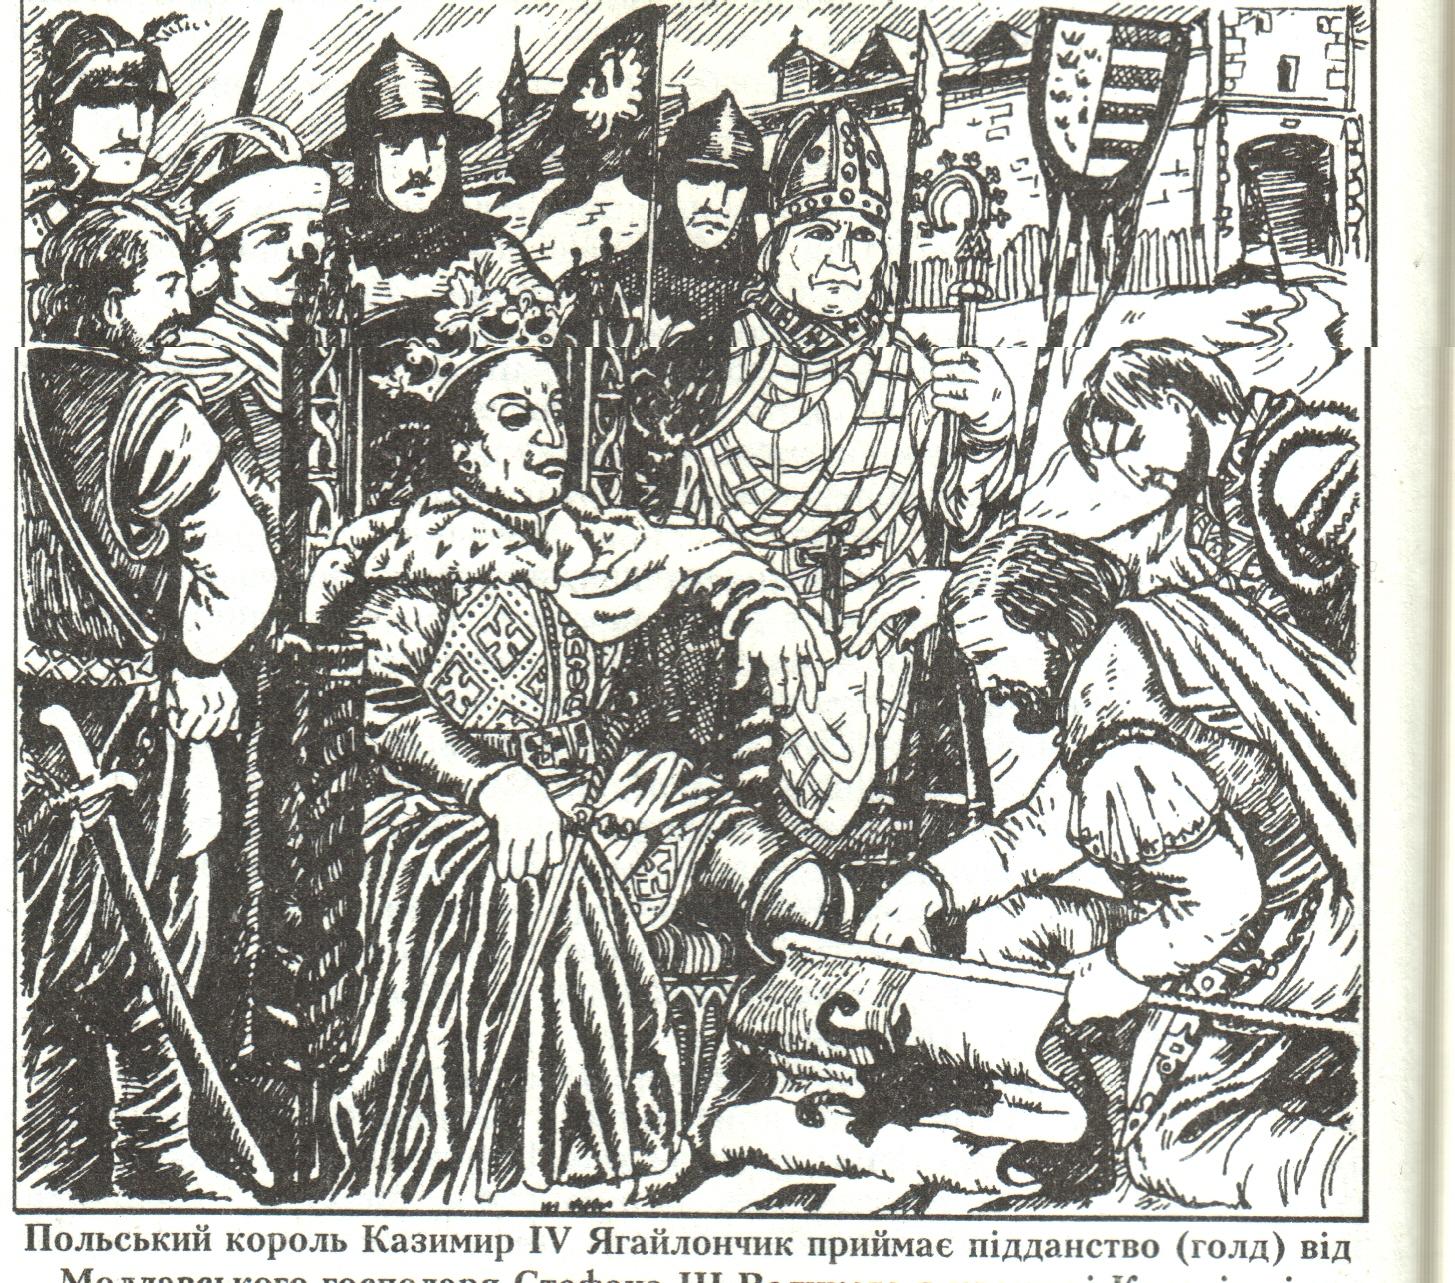 Мирослав Гаталевич. Штефан Великий складає ґолд Казимирові IV на Косачеві 1485 р. Папір, графіка, 1995 р.